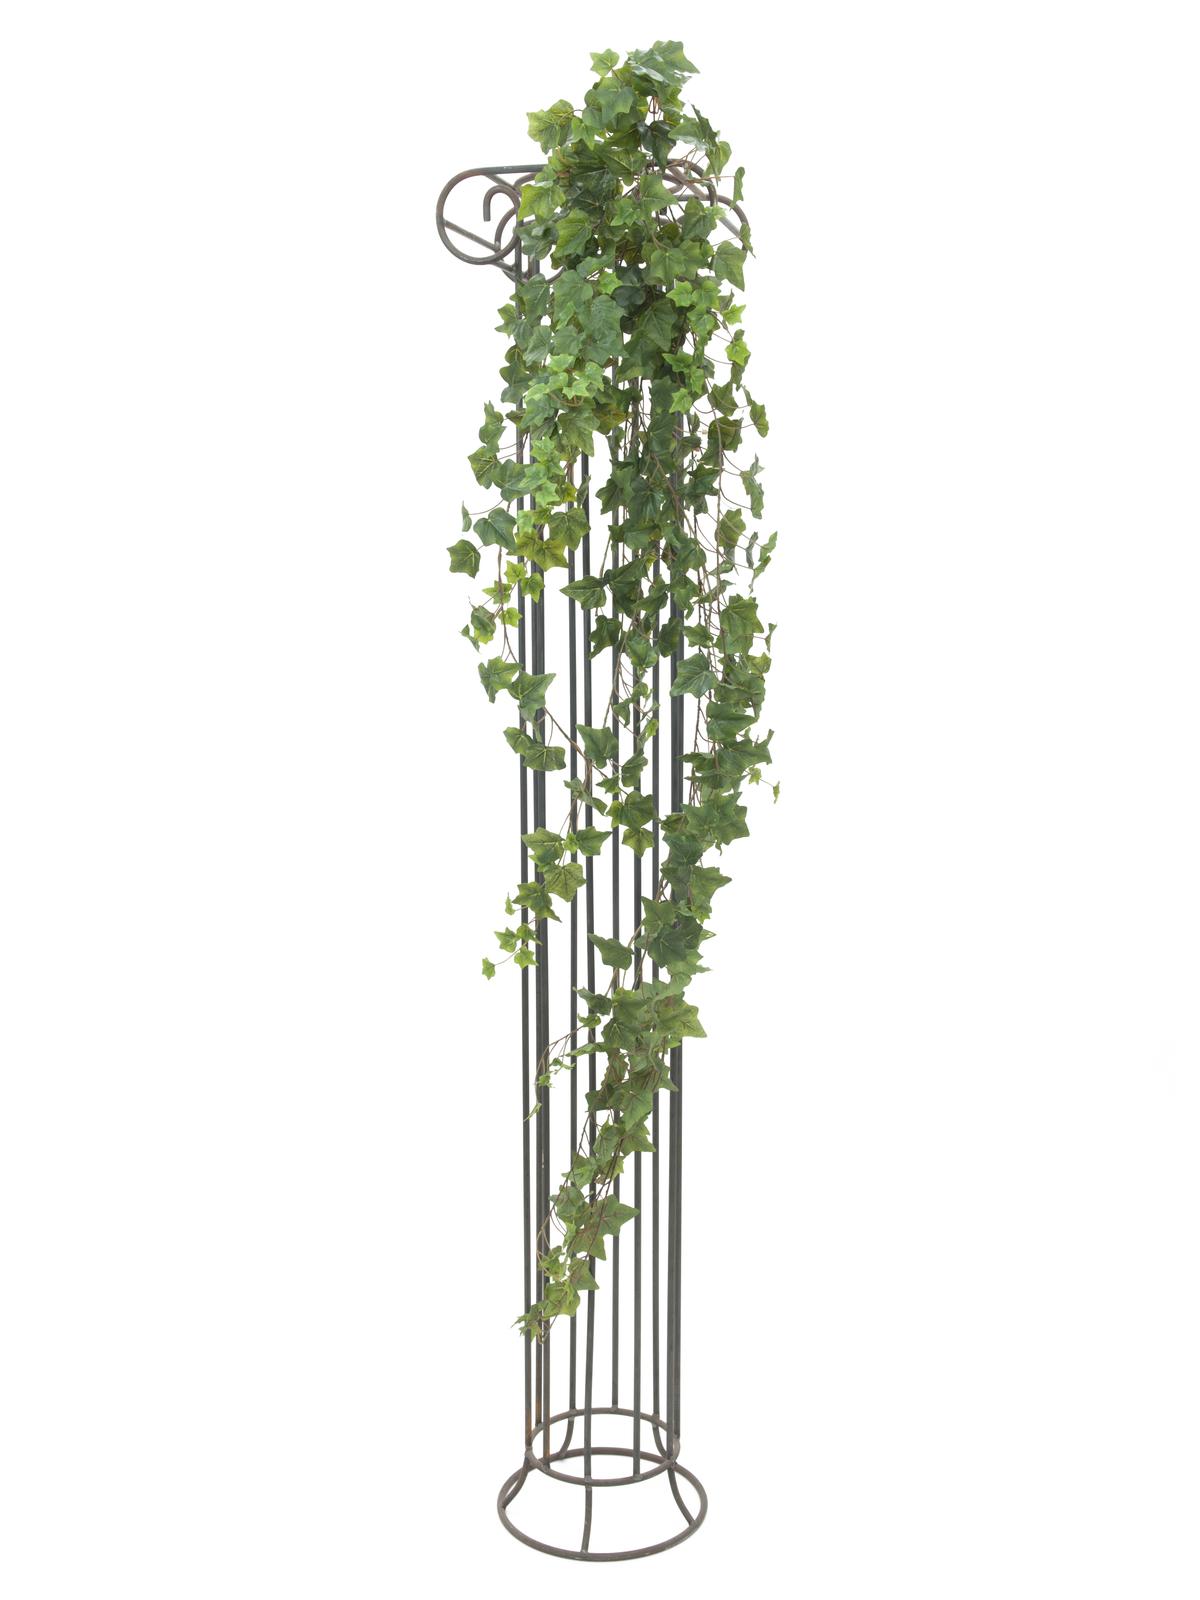 EUROPALMS Ivy garland in rilievo verde 180cm